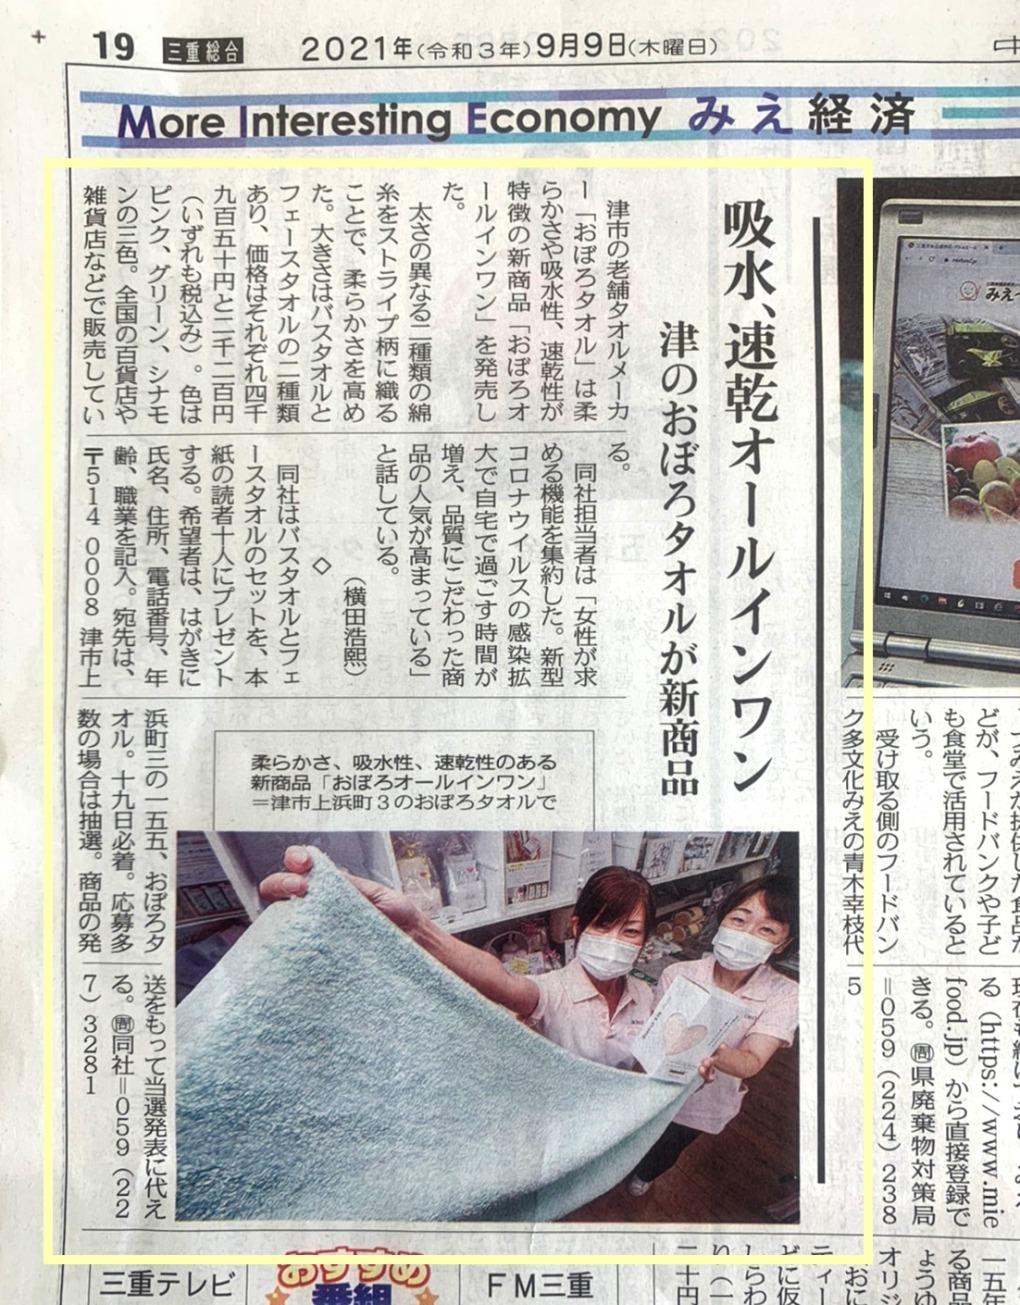 中日新聞「オールインワン」新発売